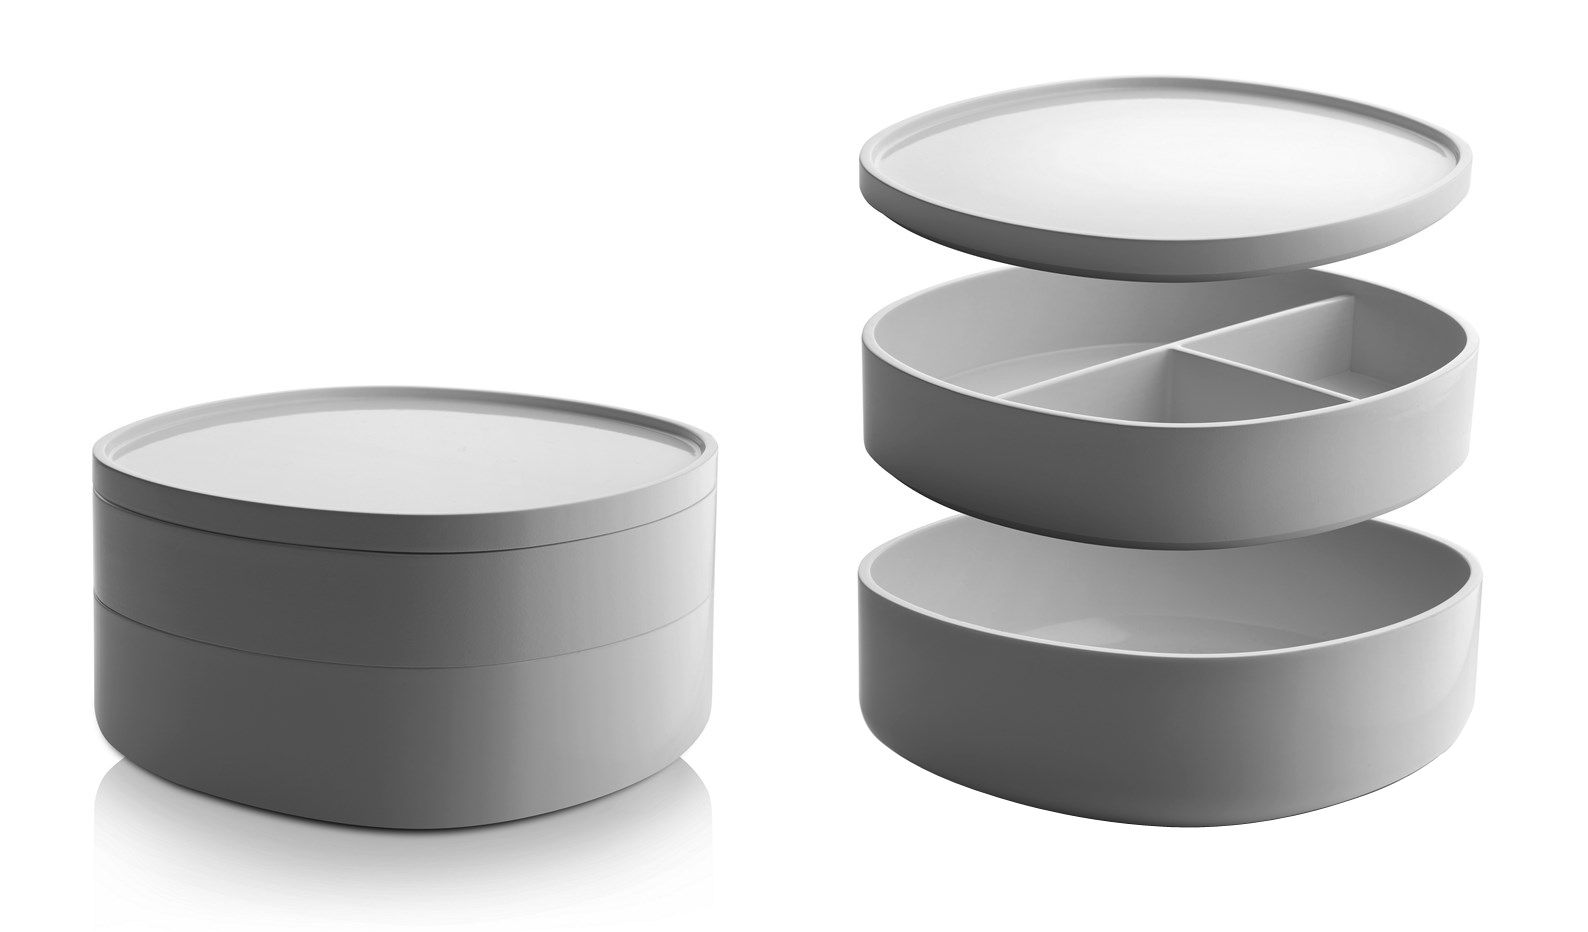 Scopri scatola birillo 2 scomparti antracite di alessi made in design italia - Accessori bagno alessi ...